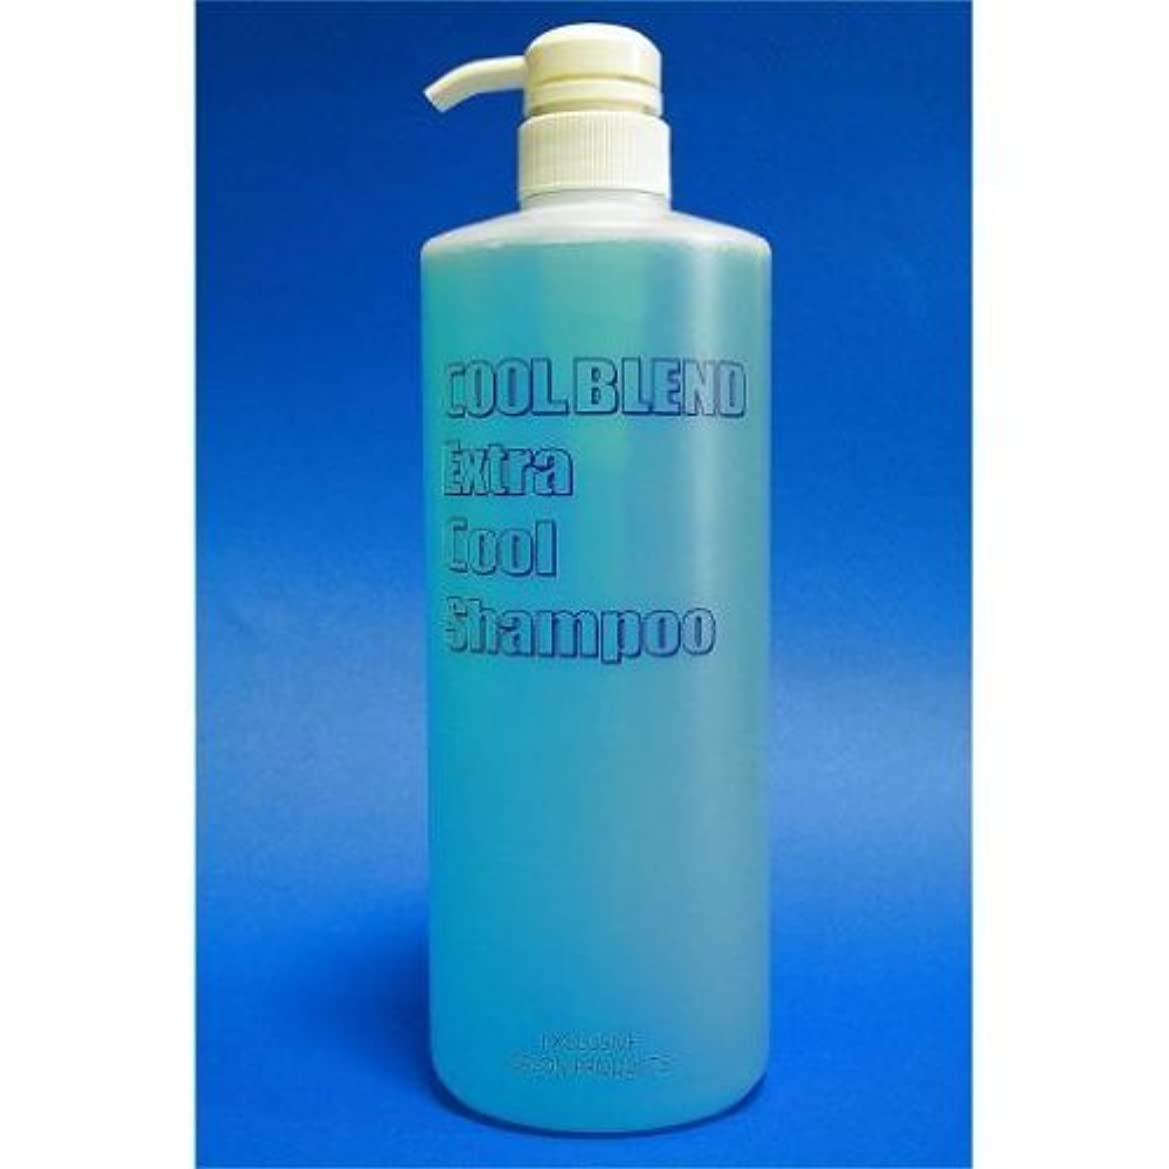 クールブレンド エキストラクール シャンプー 1000MLボトルポンプ式